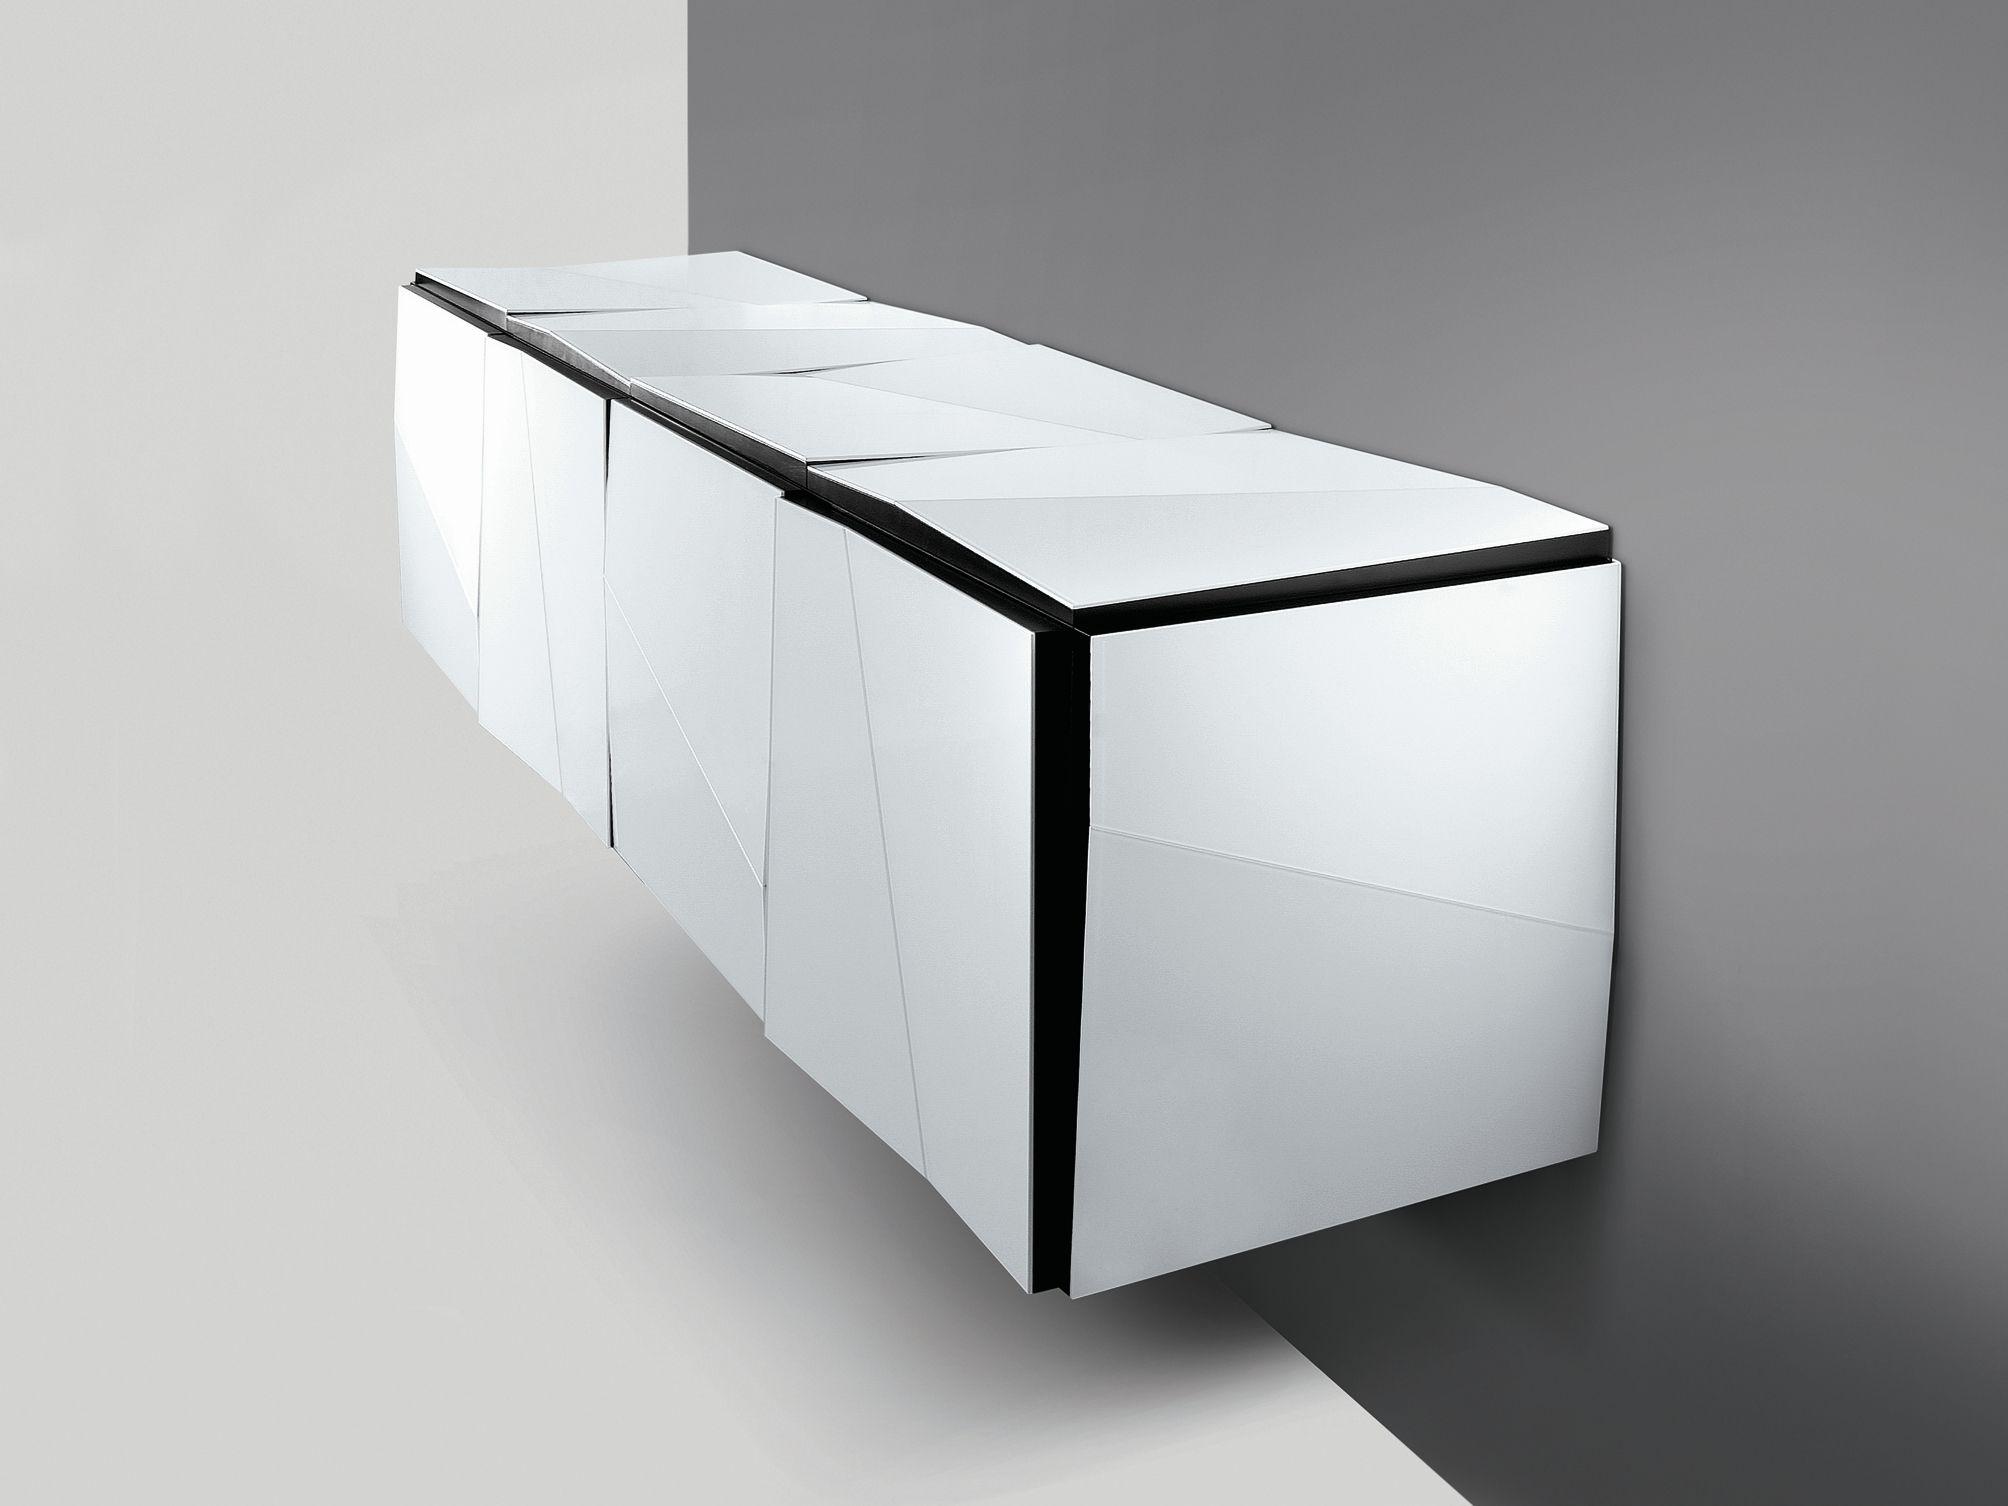 Psiche buffet by t d tonelli design design giovanni tommaso garattoni - Buffet miroir ...